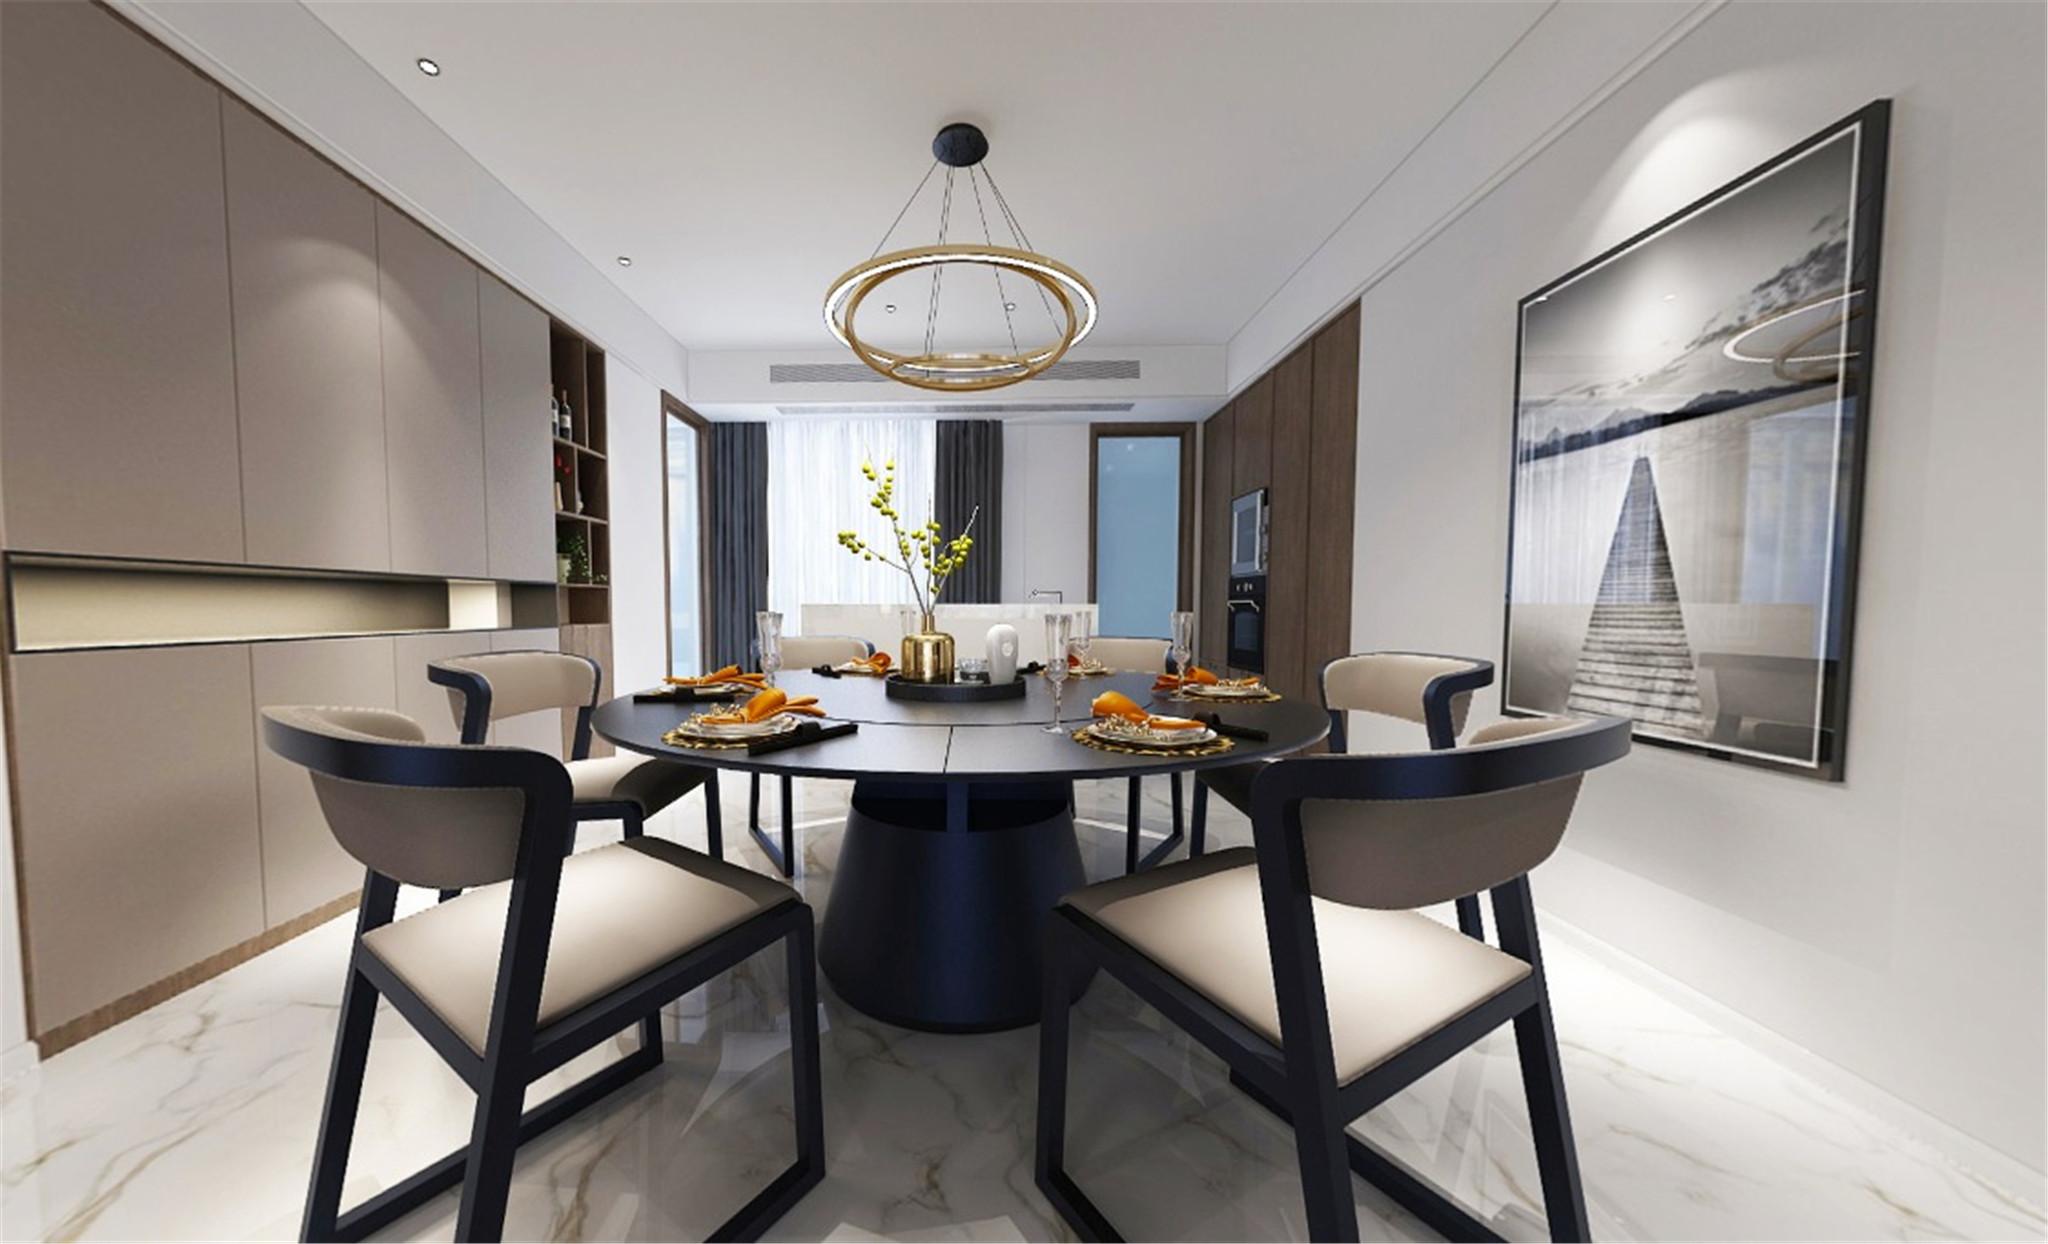 餐厅:从业主的谈吐,行为,穿着,品味延伸至活动与居住的场所,室内设计不仅满足我们对美感的期待,还是面对生活的一种态度。餐厅是体现生活品味和生活趣味的重要场所,设计以精简的手法将业主的需求结合房屋特点使之和谐开阔,